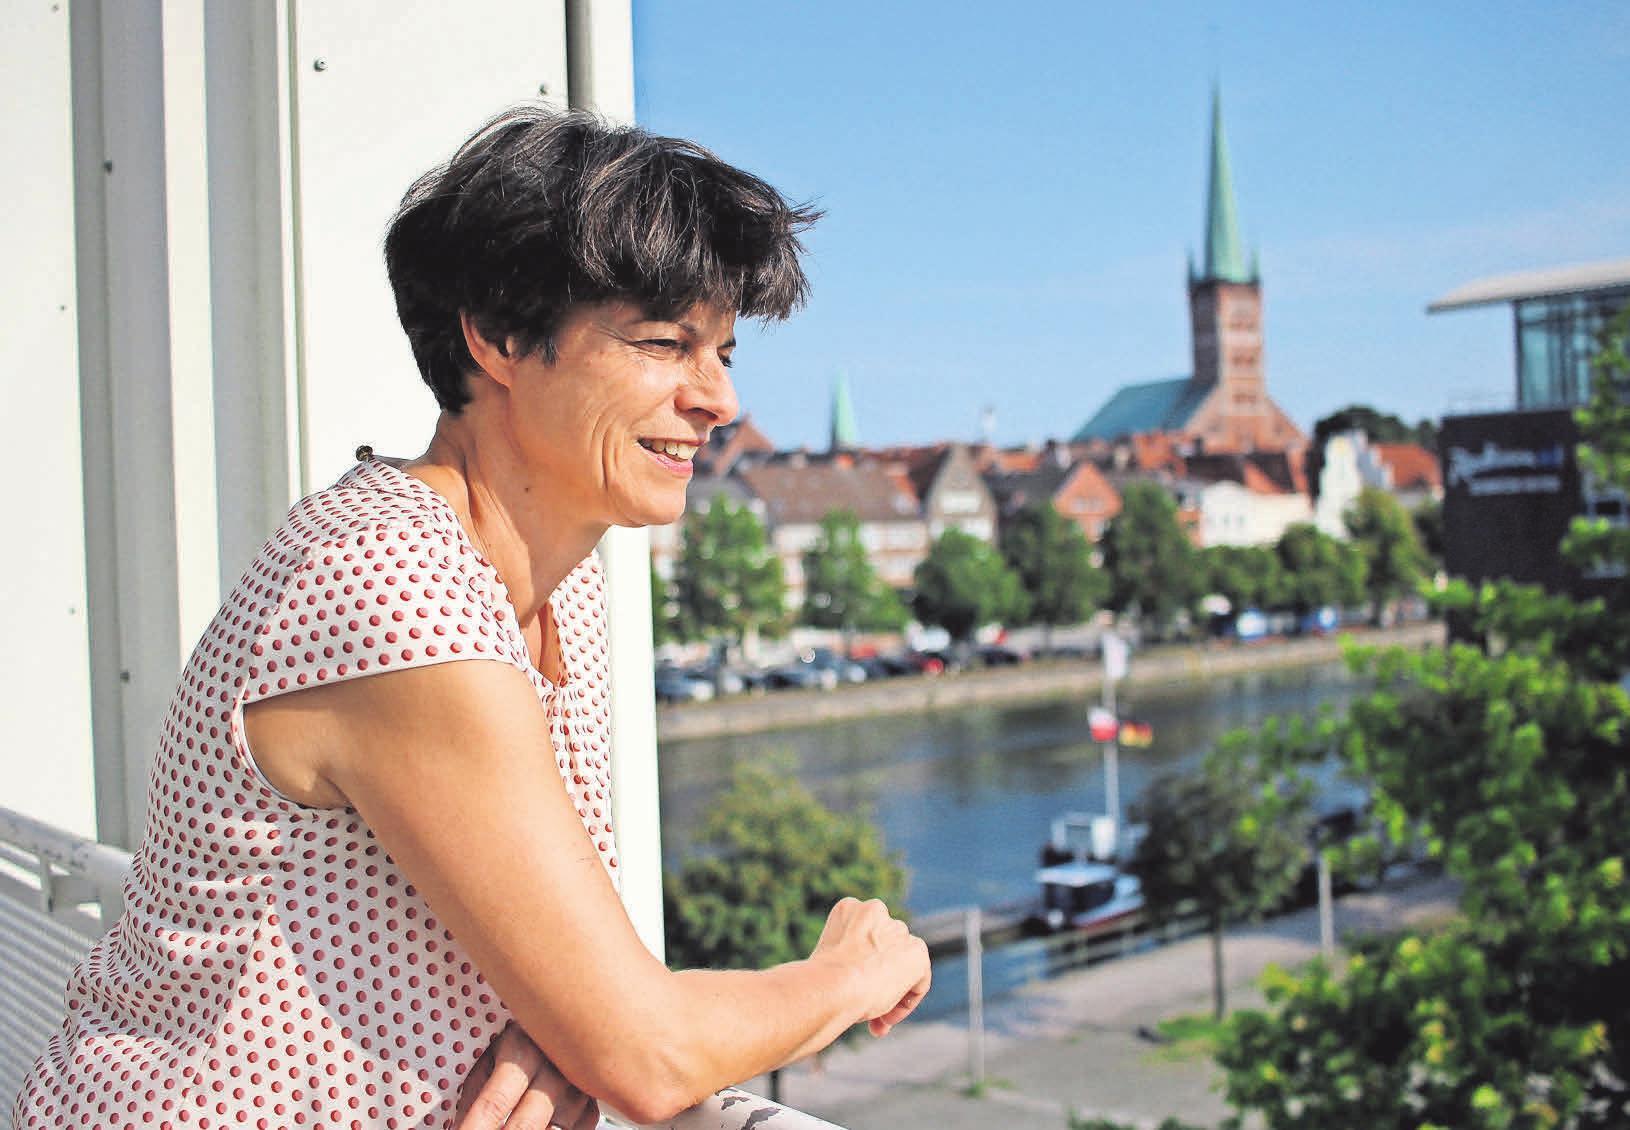 """""""Von uns gehen Impulse aus"""", sagt Ilona Jarabek. Sie ist seit 2007 Geschäftsführerin der Musik- und Kongresshalle. Foto: Philipp Aissen"""